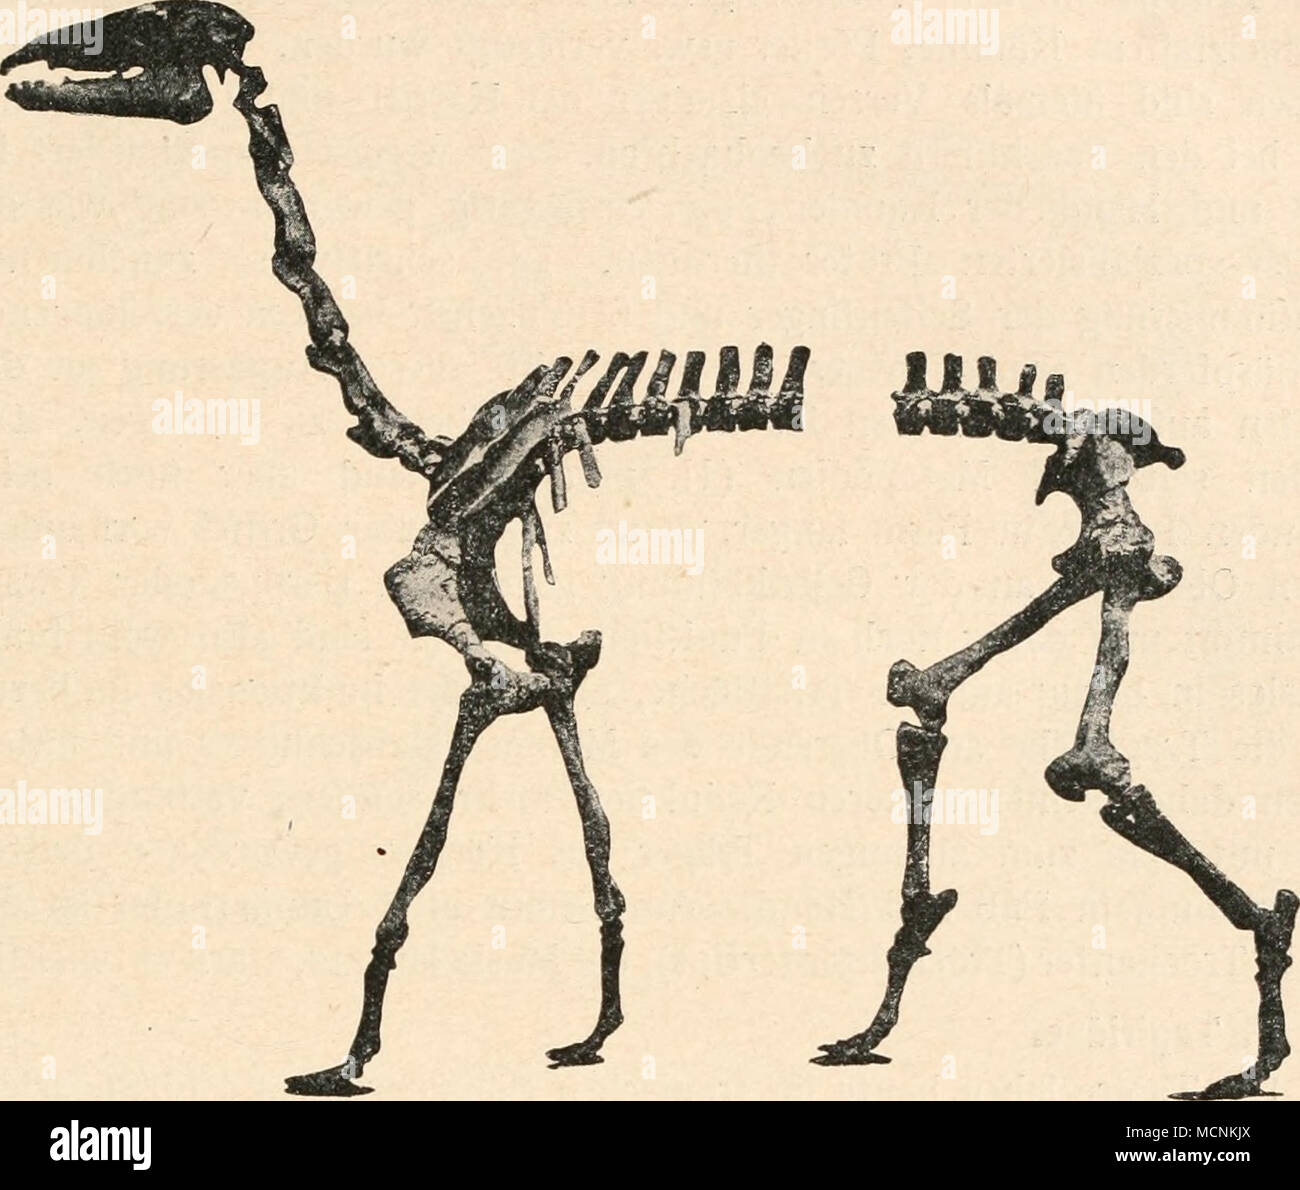 . Fig. 647. Macrauchenia patagonica, Owen, aus dem Plistozän (Pampasformation) Argen- tiniens, ein Wassertier. (Nach R. Lydekker.) XI. Ordnung: Perissodactyla. Die Perissodactylen Unpaarhufer oder sind aus den tiden hervorgegangen Phenacodon- und lassen sich daher bis in die Stammgruppe der Protungulaten zurückverfolgen. Im Eozän besaßen noch alle legal der später sich en vier Stämme (Tapiridae, Rhinocerotidae, équidos und die erloschenen, tertiären Titanotheriidae) spaltenden schlossene Zahnreihen Unpaarhufer ge- und später traten Reduktionen erst ein, die am weitesten bei den Rhinoceroti Foto de stock